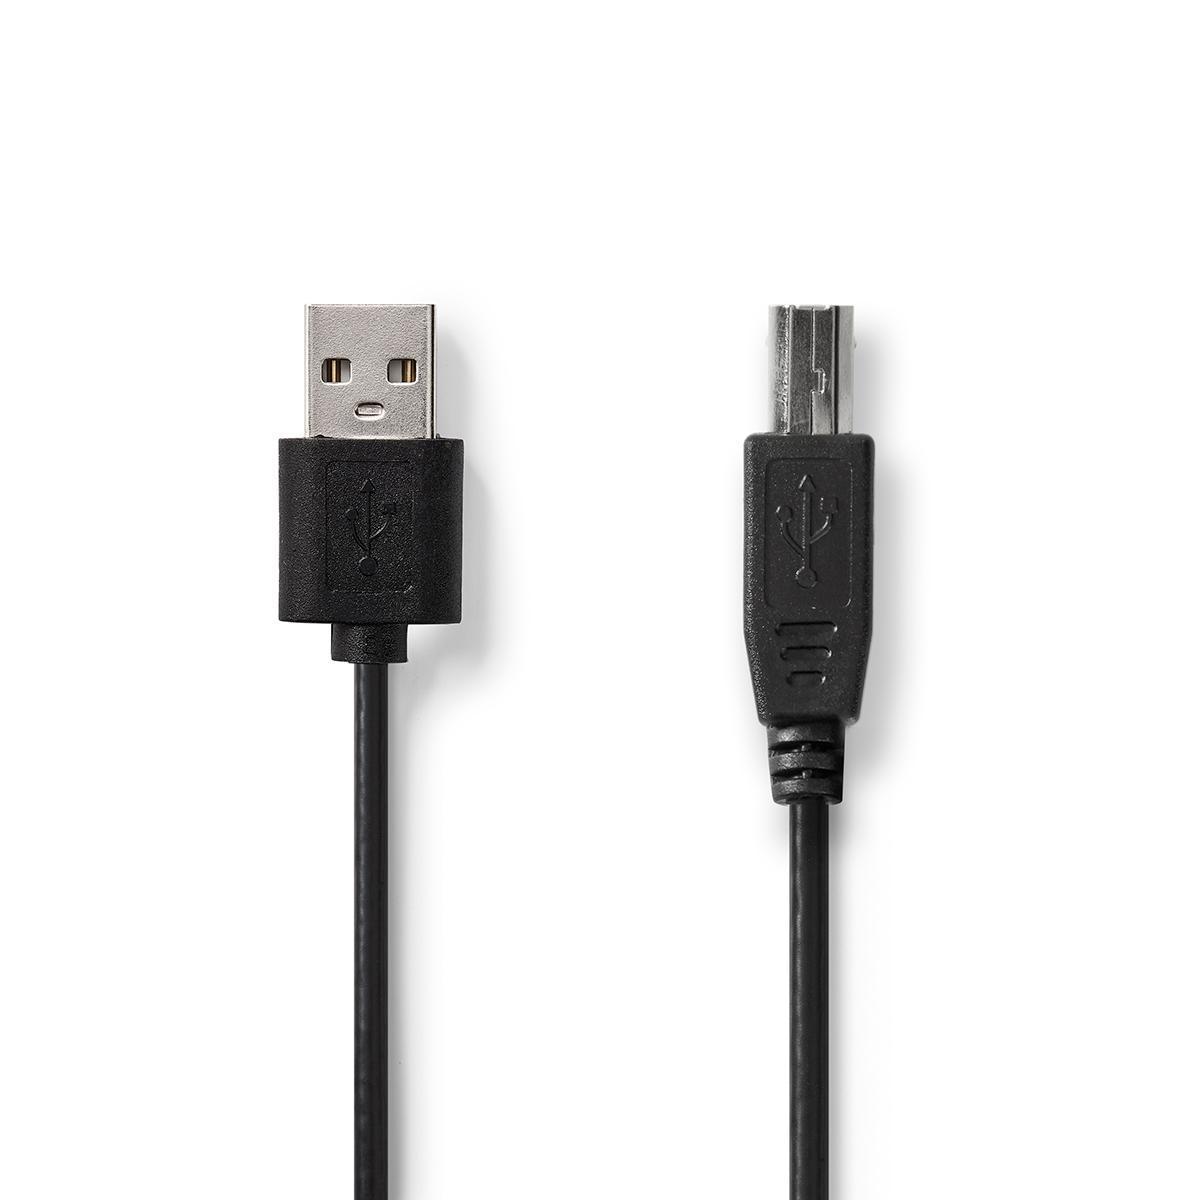 USB 2.0 kabel - USB-A han til USB-B han - 1m - Sort